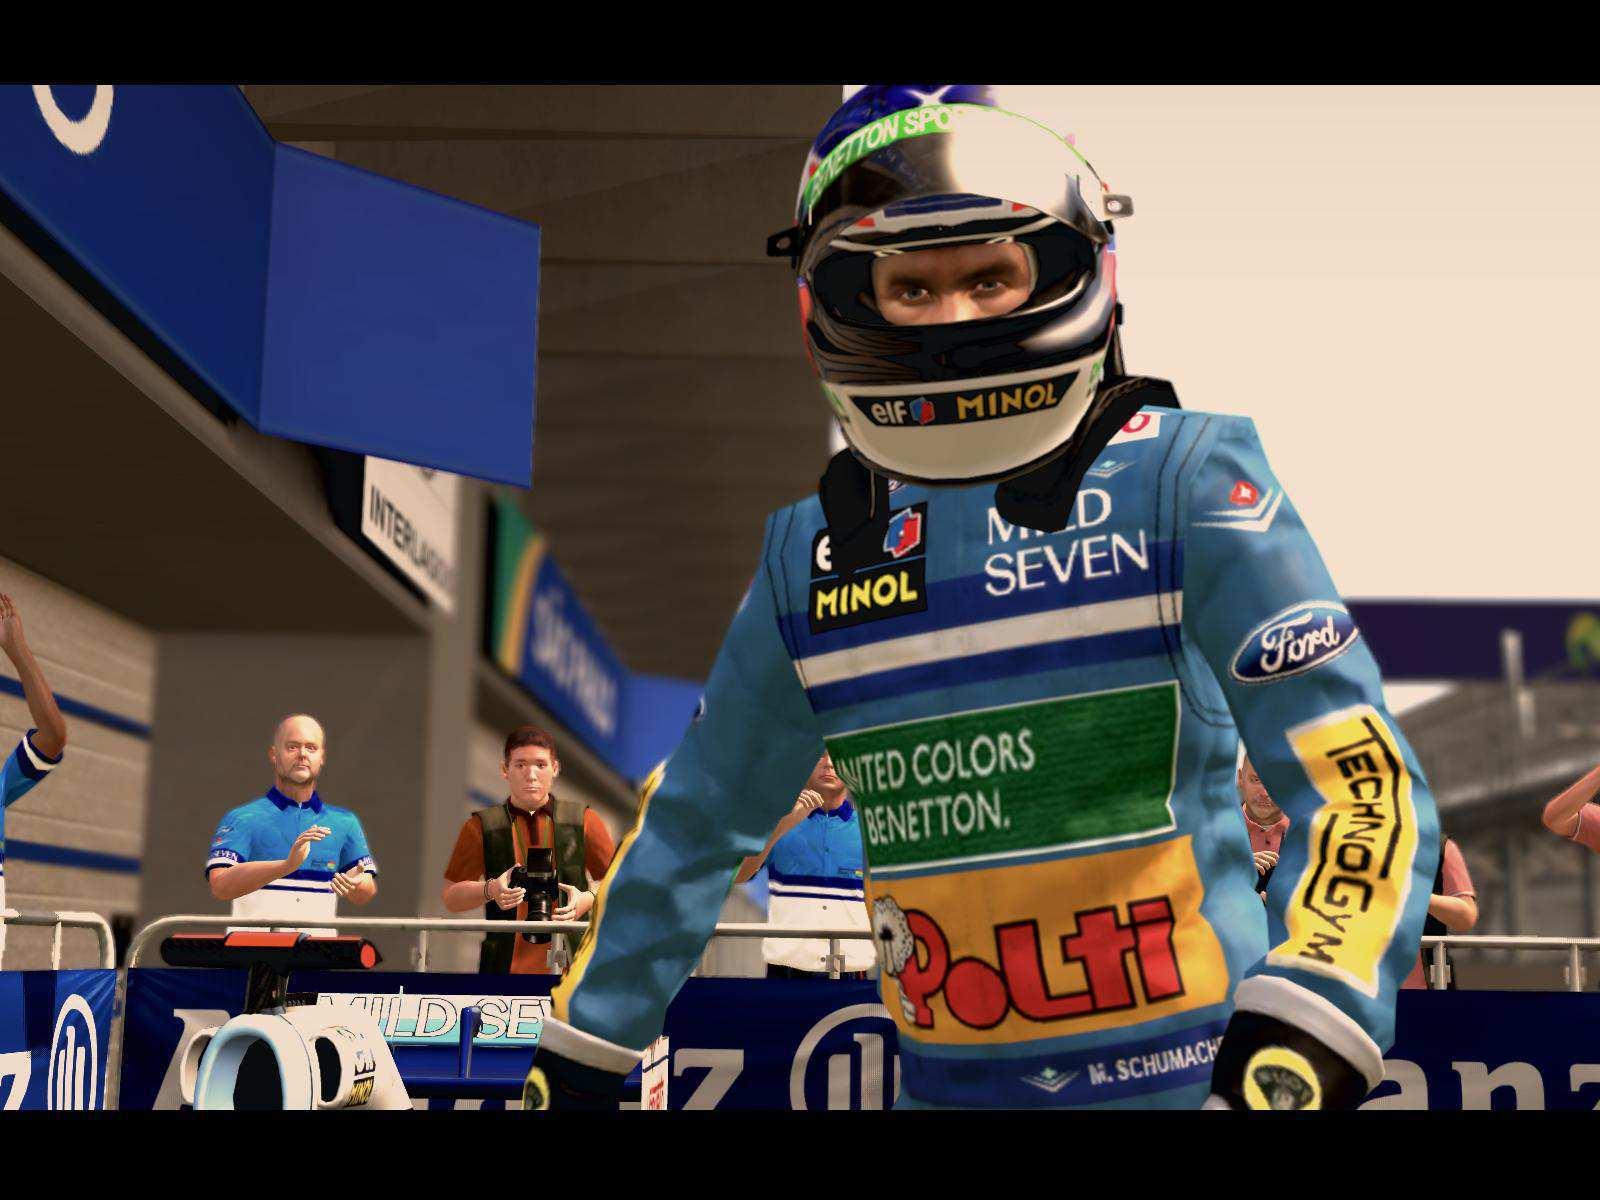 94_Benetton_9-M.jpg